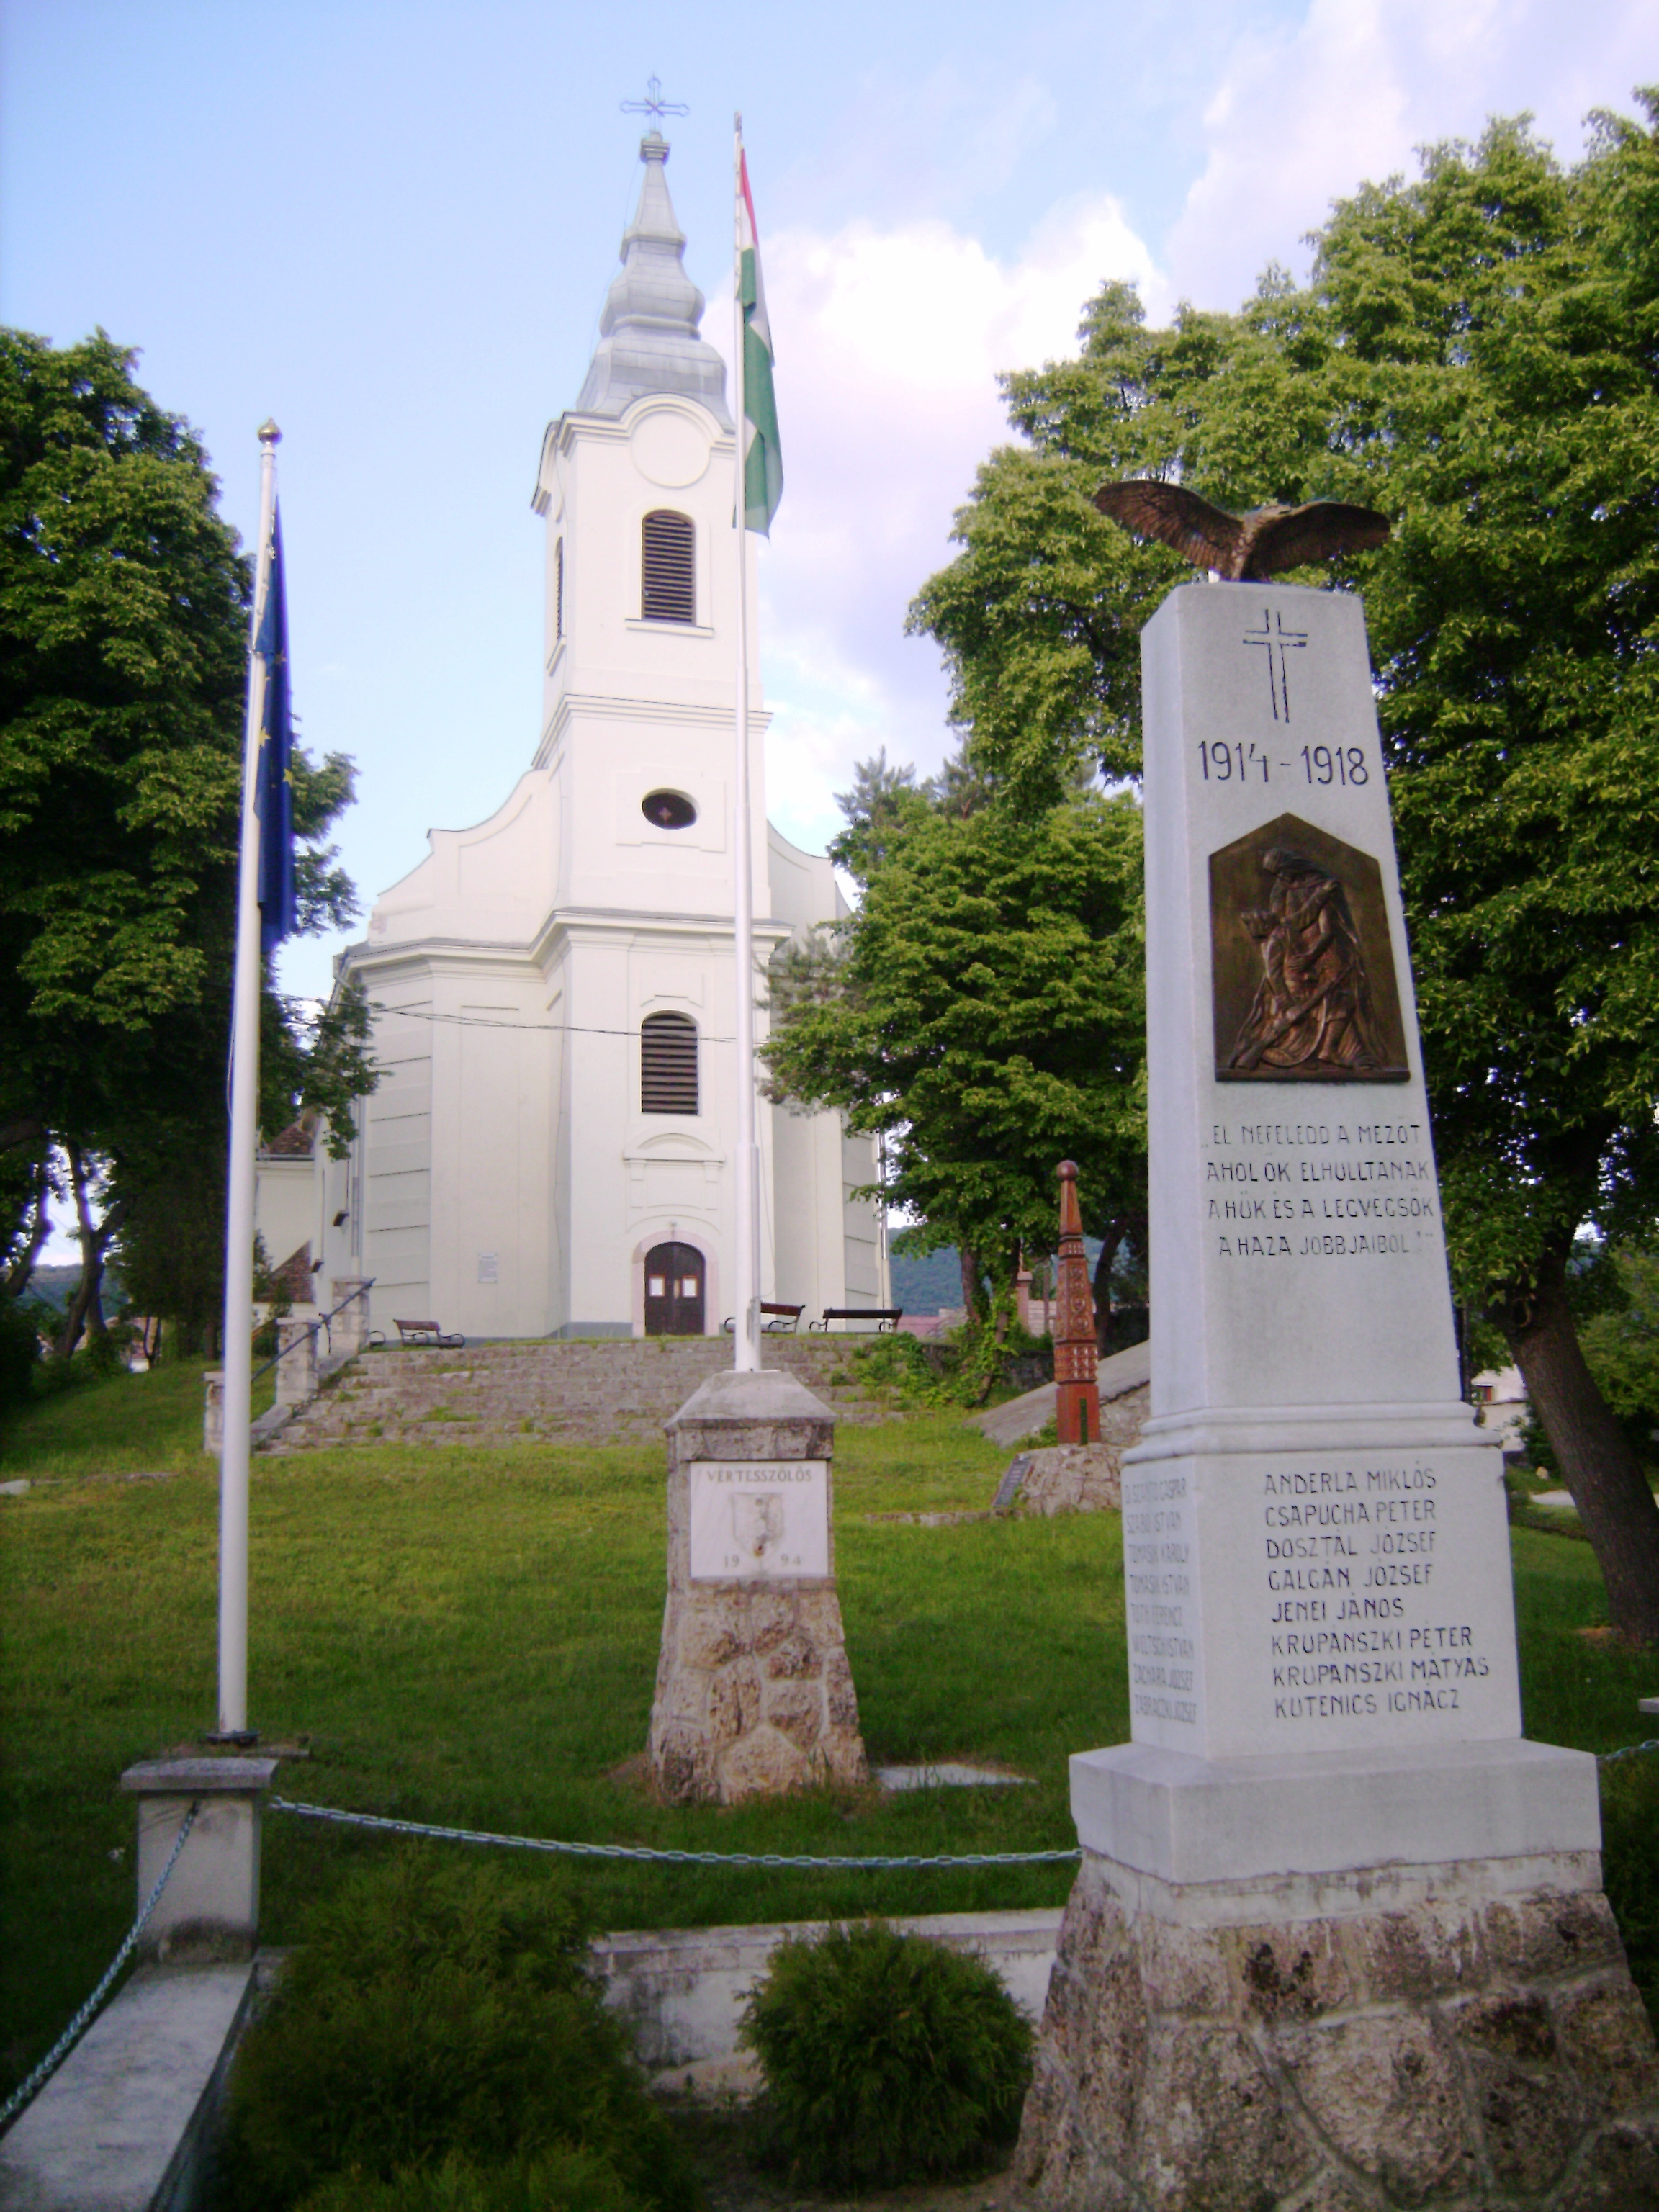 Előtte kicsit eklektikusan mindenféle emlékművek. Az előtérben egy hagyományos I. világháborús, mögötte kopjafa az 1848-49-es forradalom és szabadságharc emlékére, és egy szolid zászlótartó 1994-es dátummal, ekkor a település 770 éves volt.